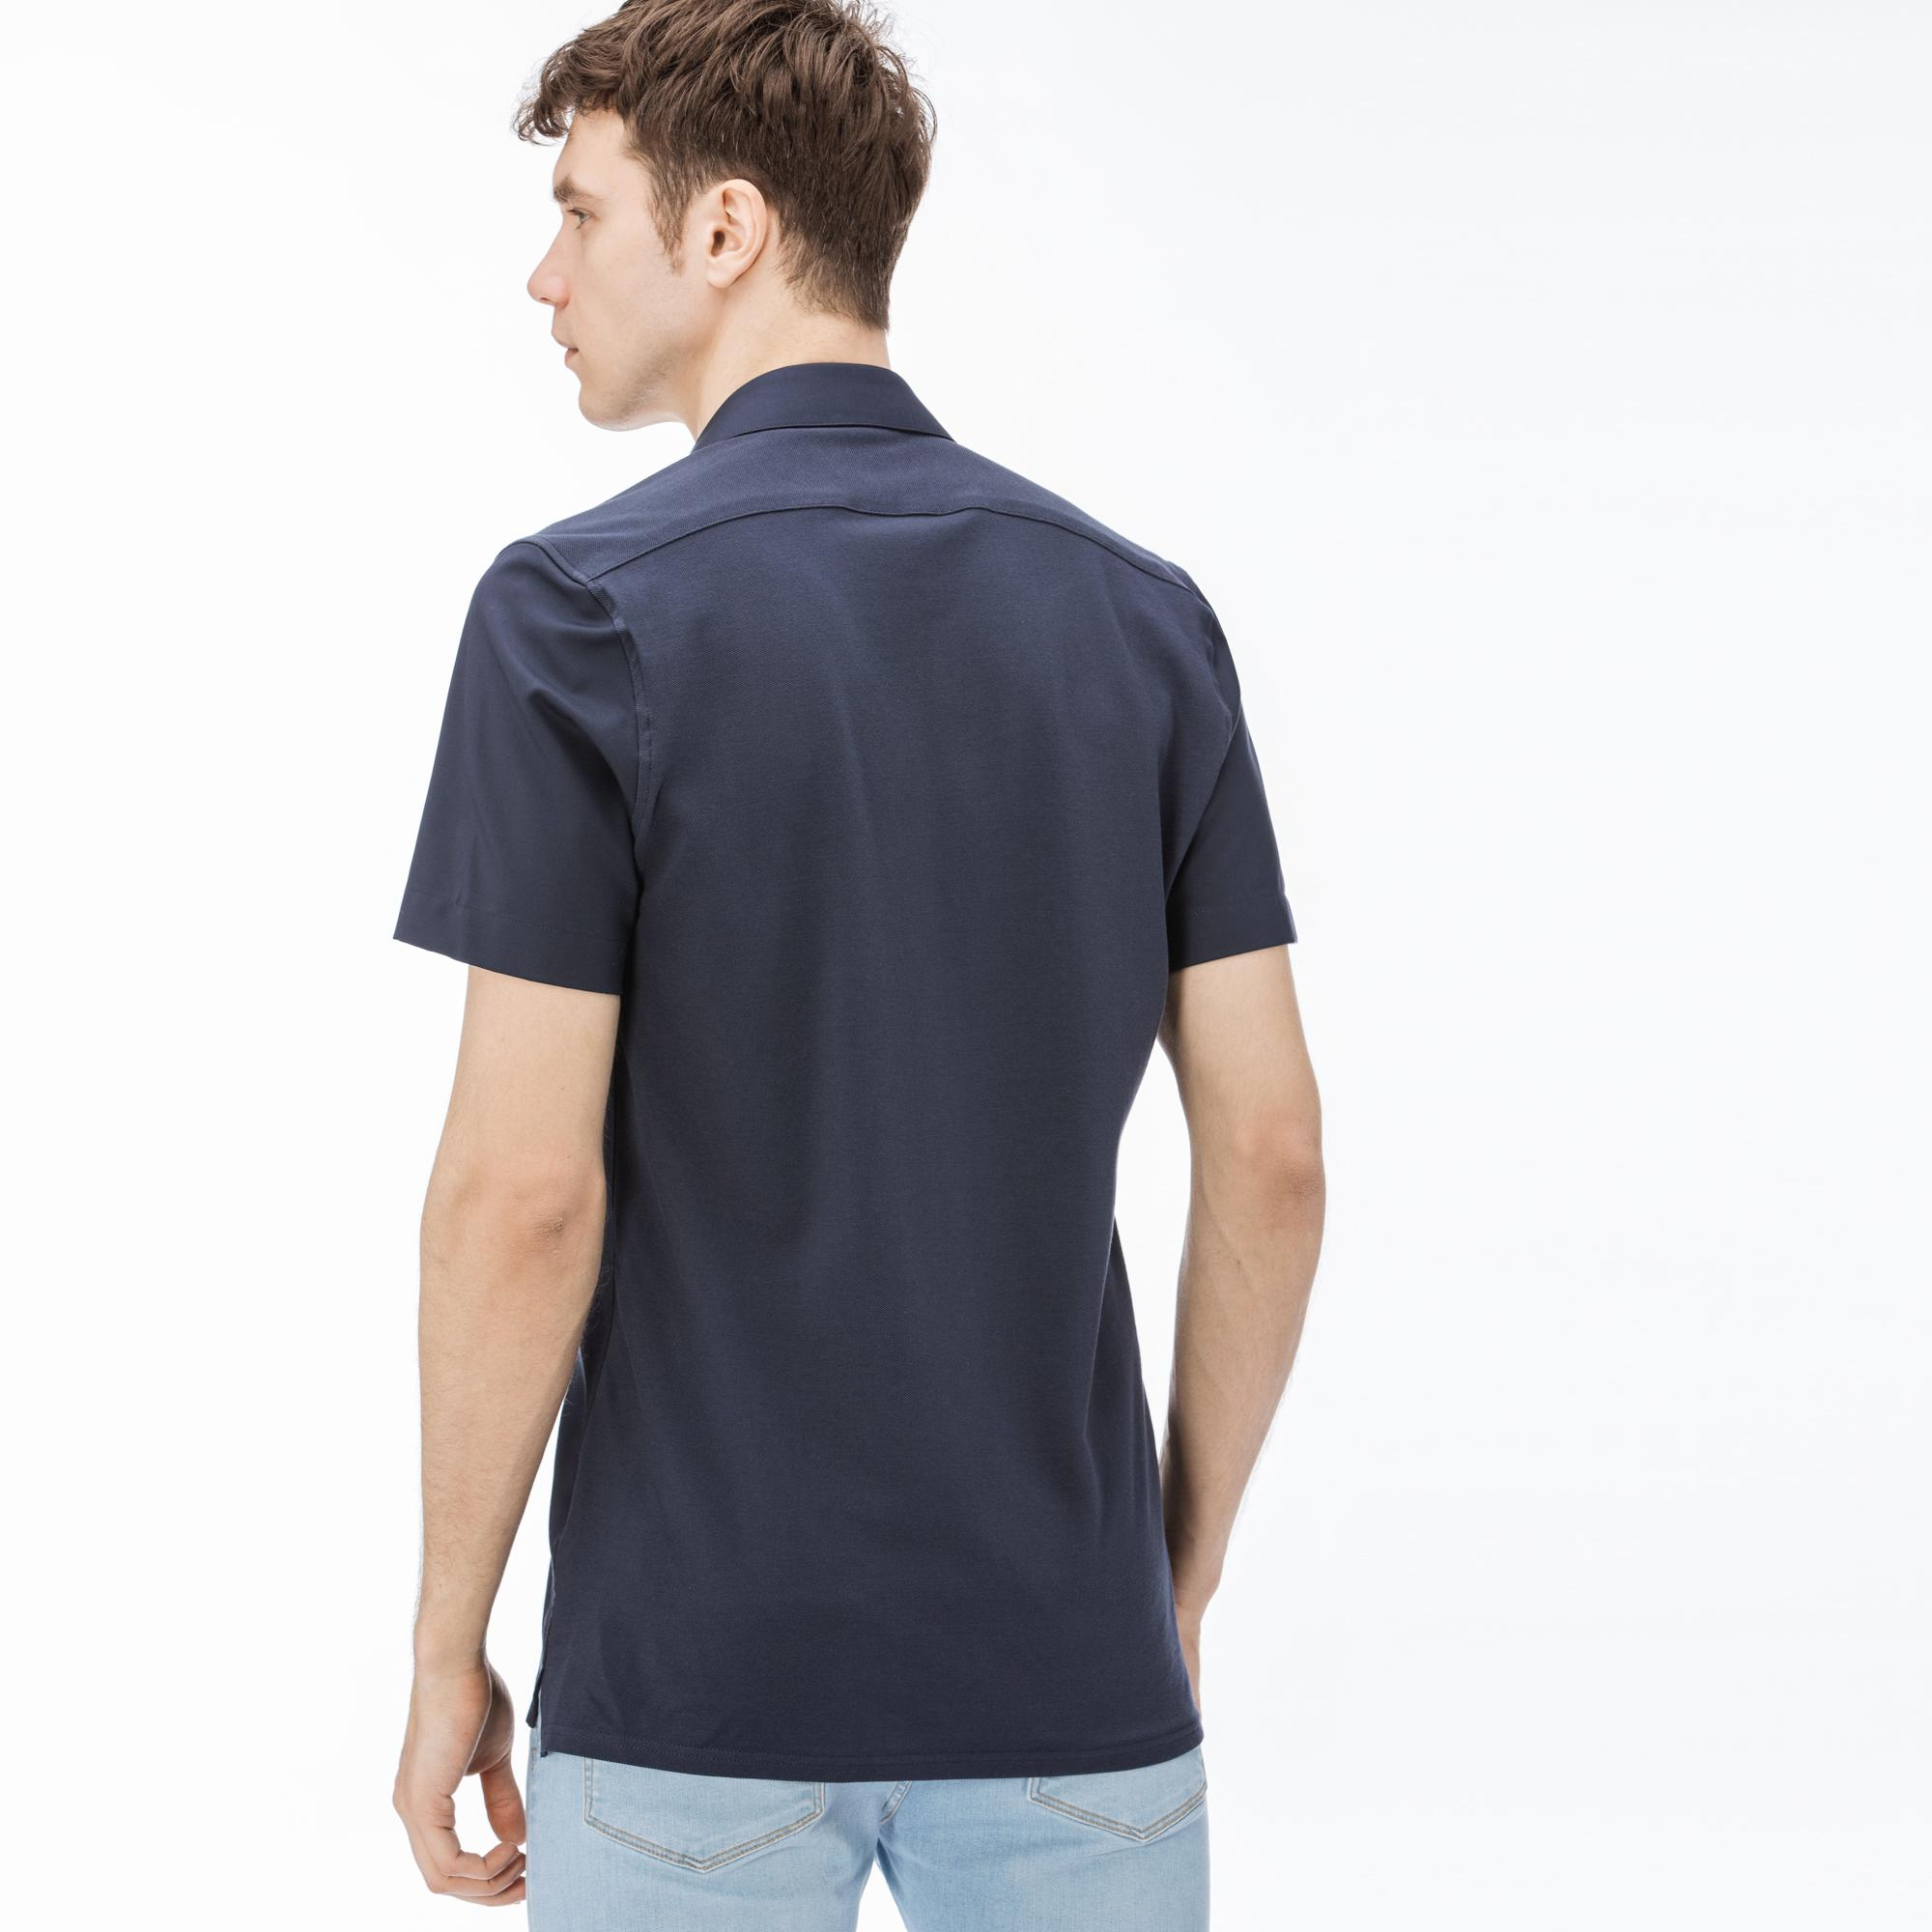 Lacoste Men's Short Sleeves wovens shirt